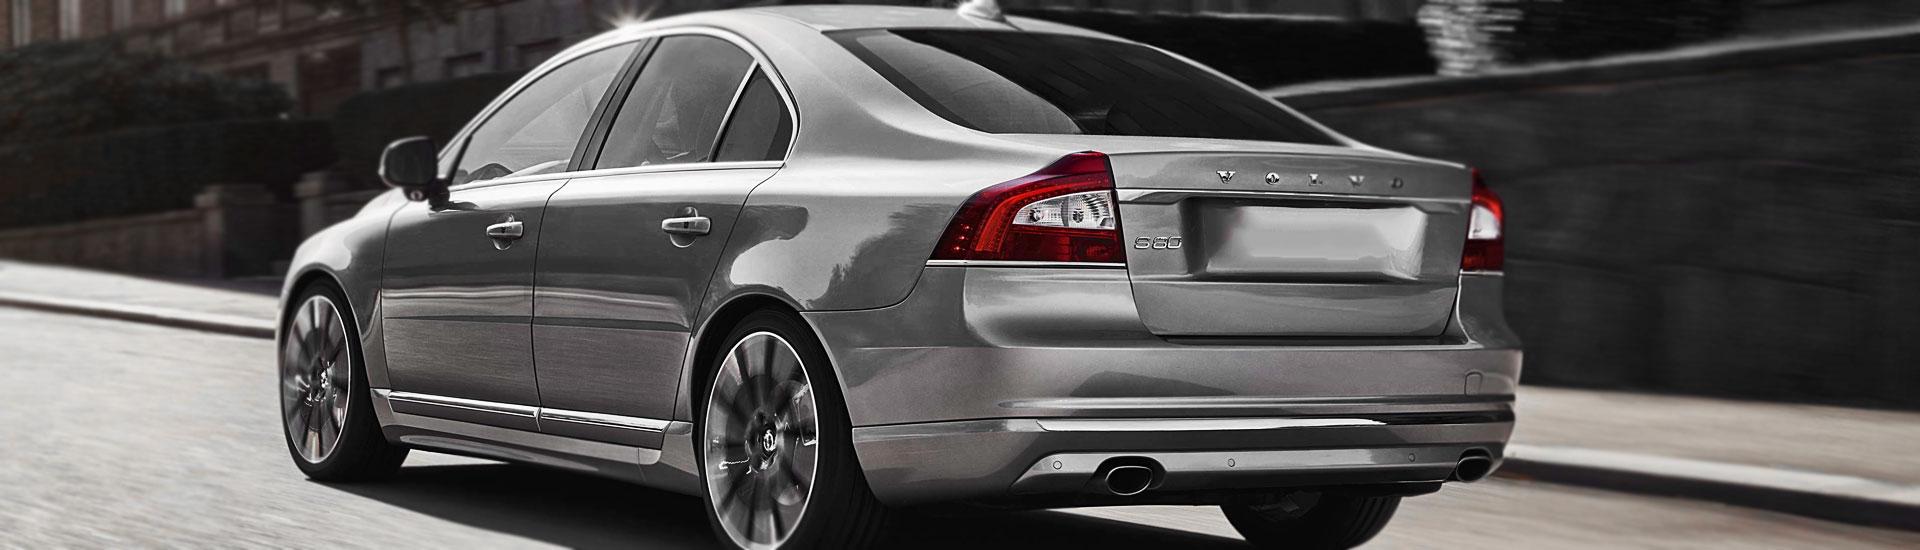 Volvo s80 window tint